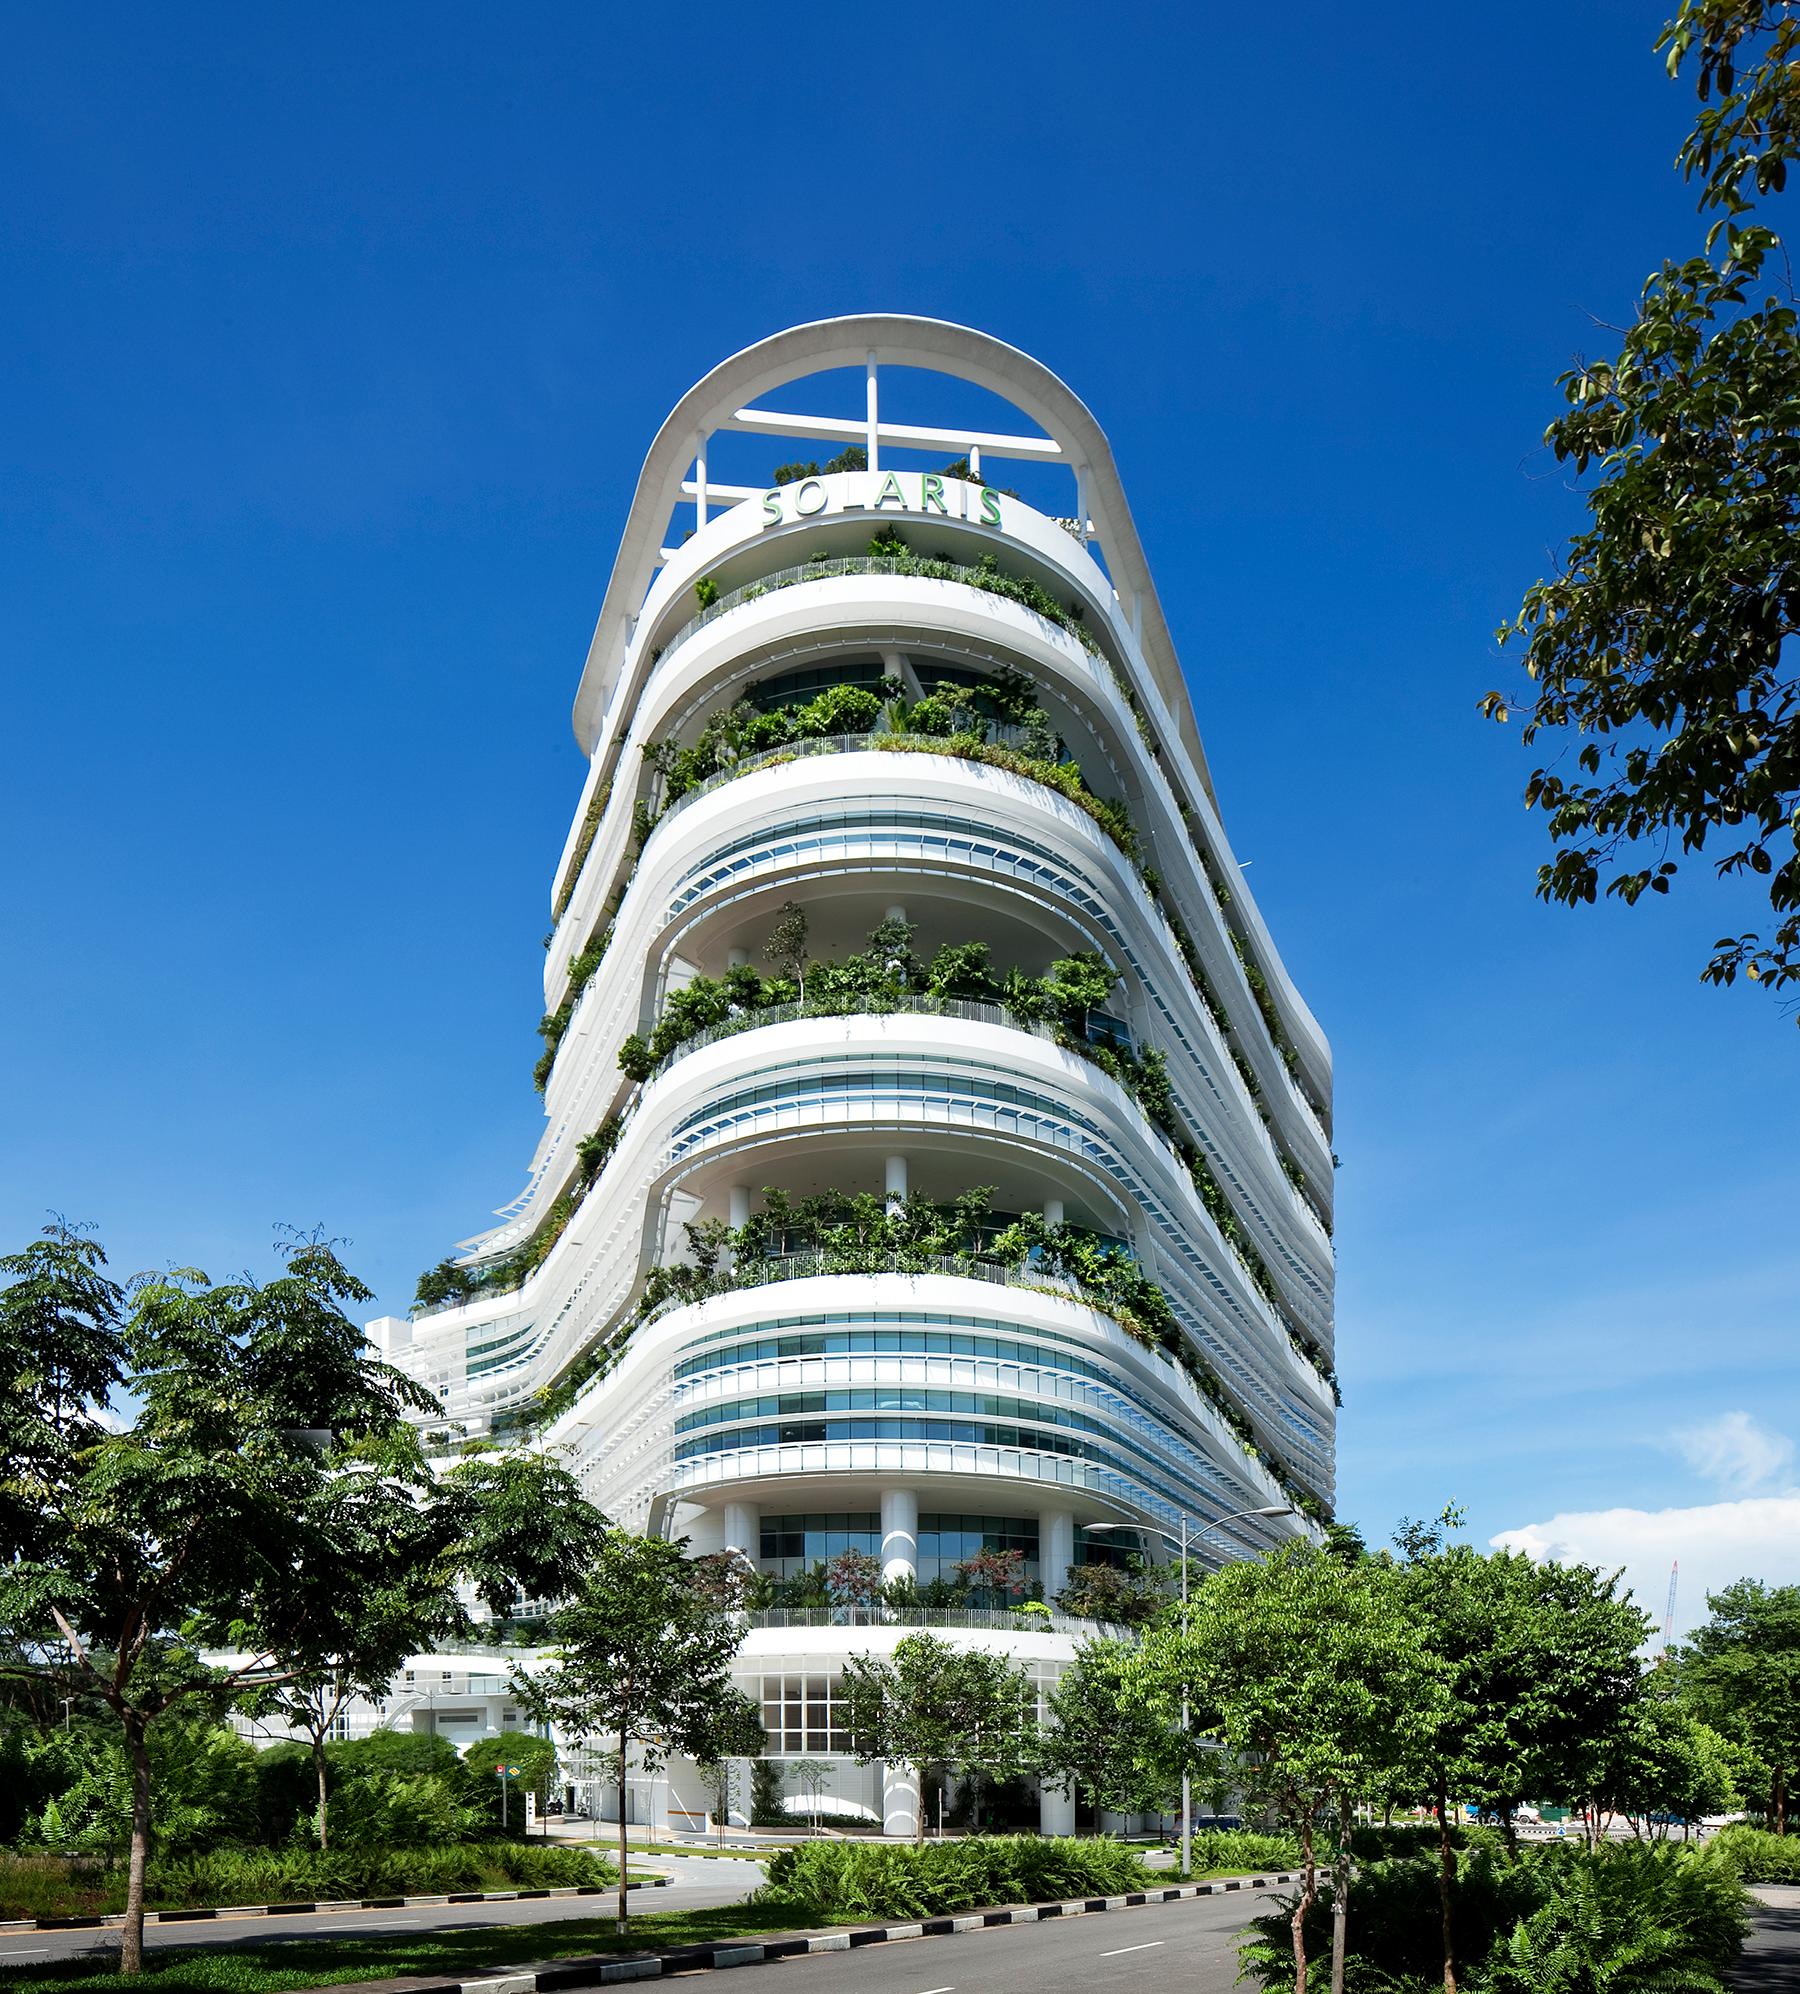 Solaris Singapore - Certified BCA Green mark Platinum Level